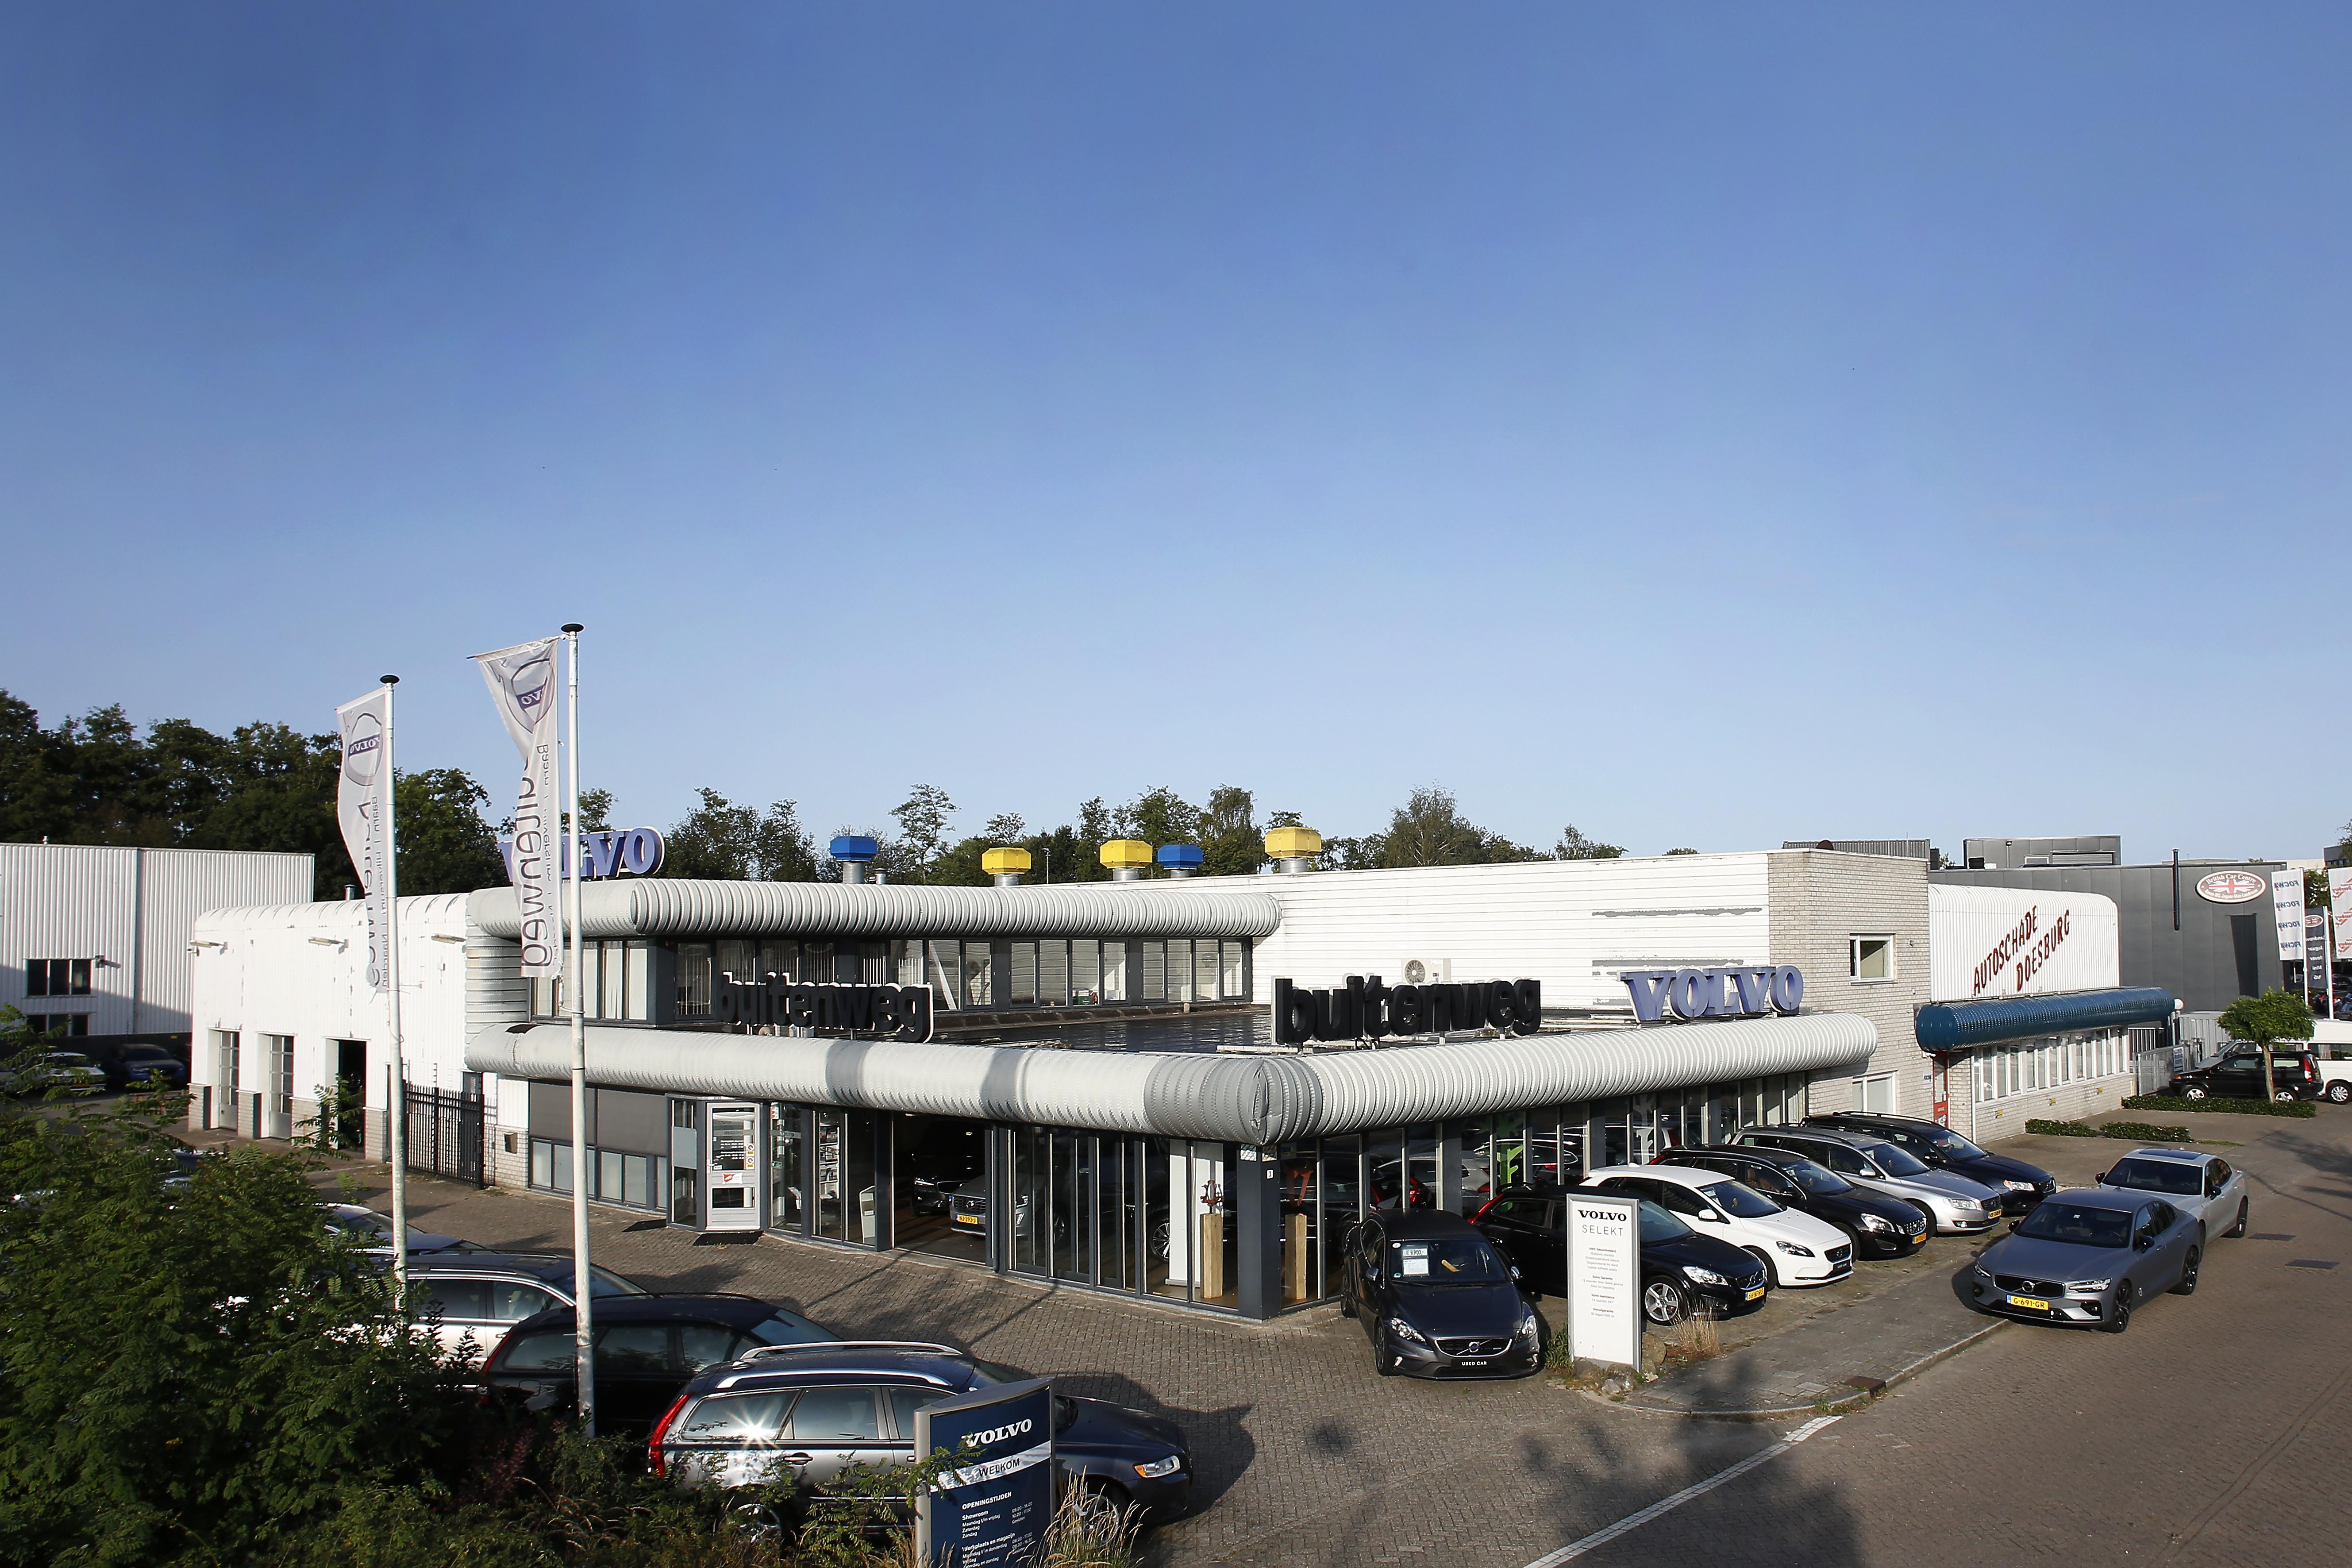 Met Volvo Buitenweg verdwijnt ook Volvo zelf uit Baarn; Een historisch moment, want Baarn was de eerste plaats in Nederland met een echte Volvo-dealer